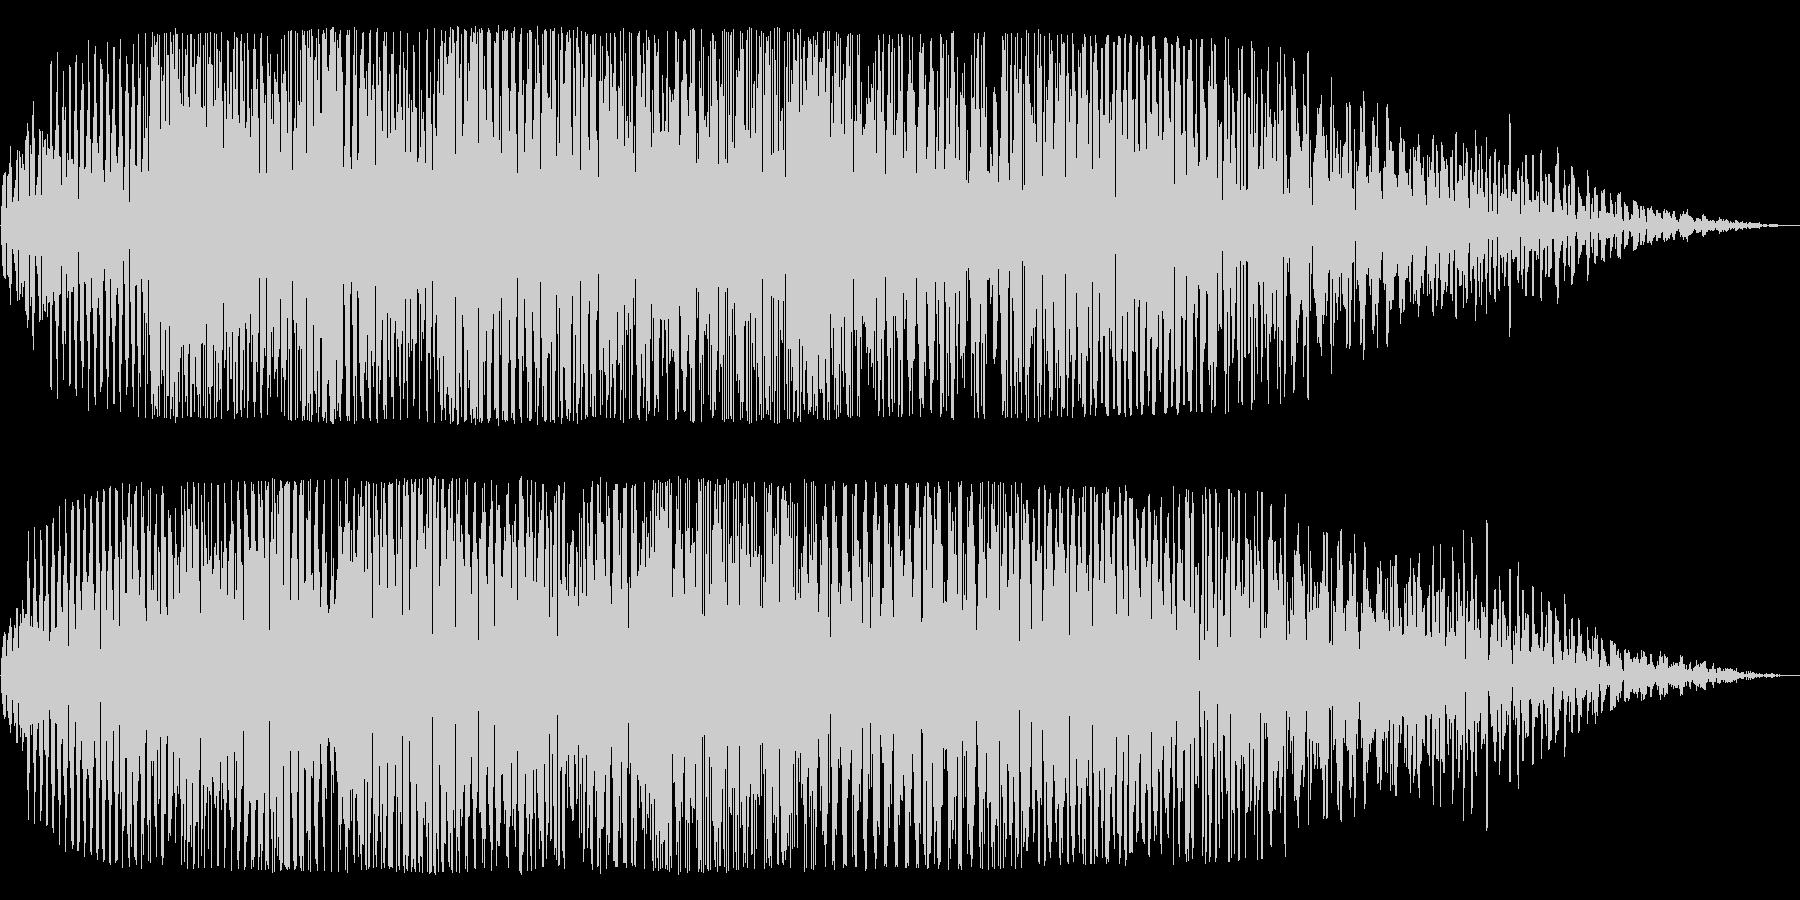 宇宙船が通過する神秘的な音の未再生の波形